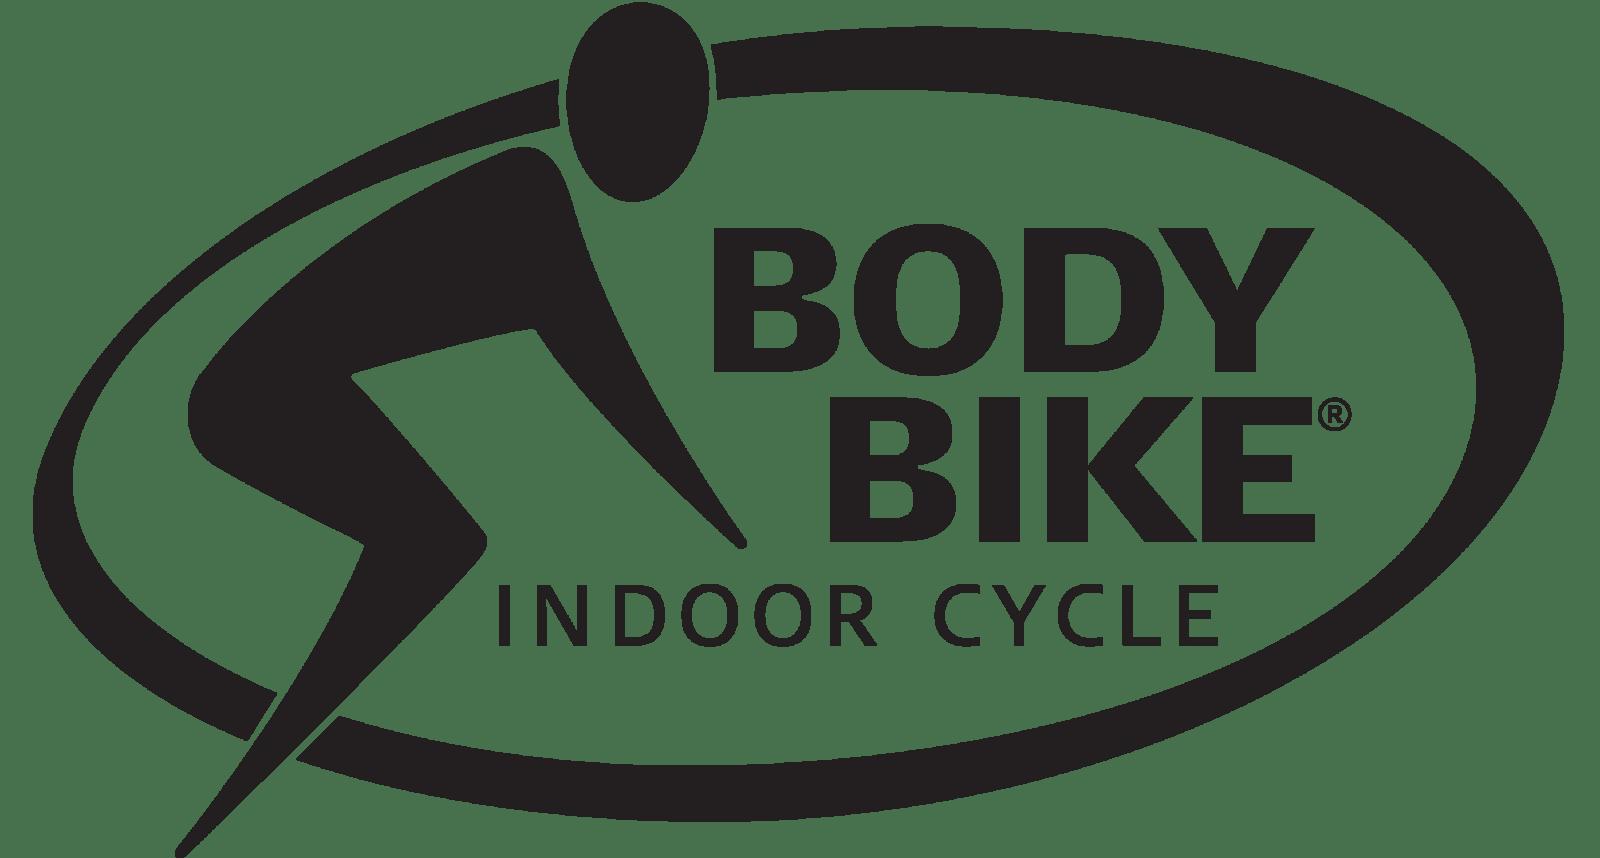 Body Bike Australia